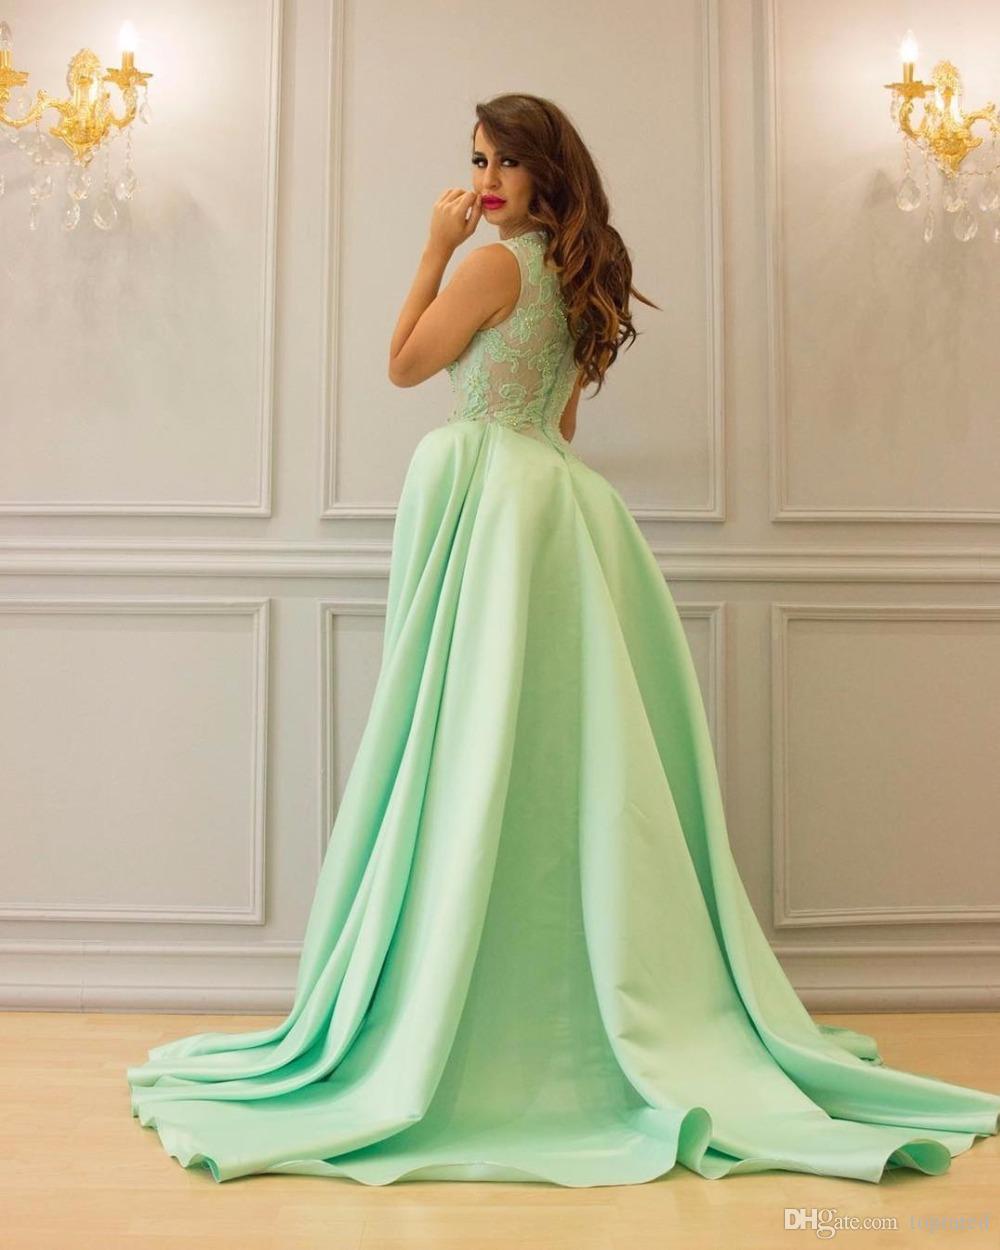 Modest Mint Lange Abendkleider Ballkleid Satin Side Split ärmel Bateau-Ansatz-Spitze arabische Frauen formale Abendkleider Gast-Kleid-Partei